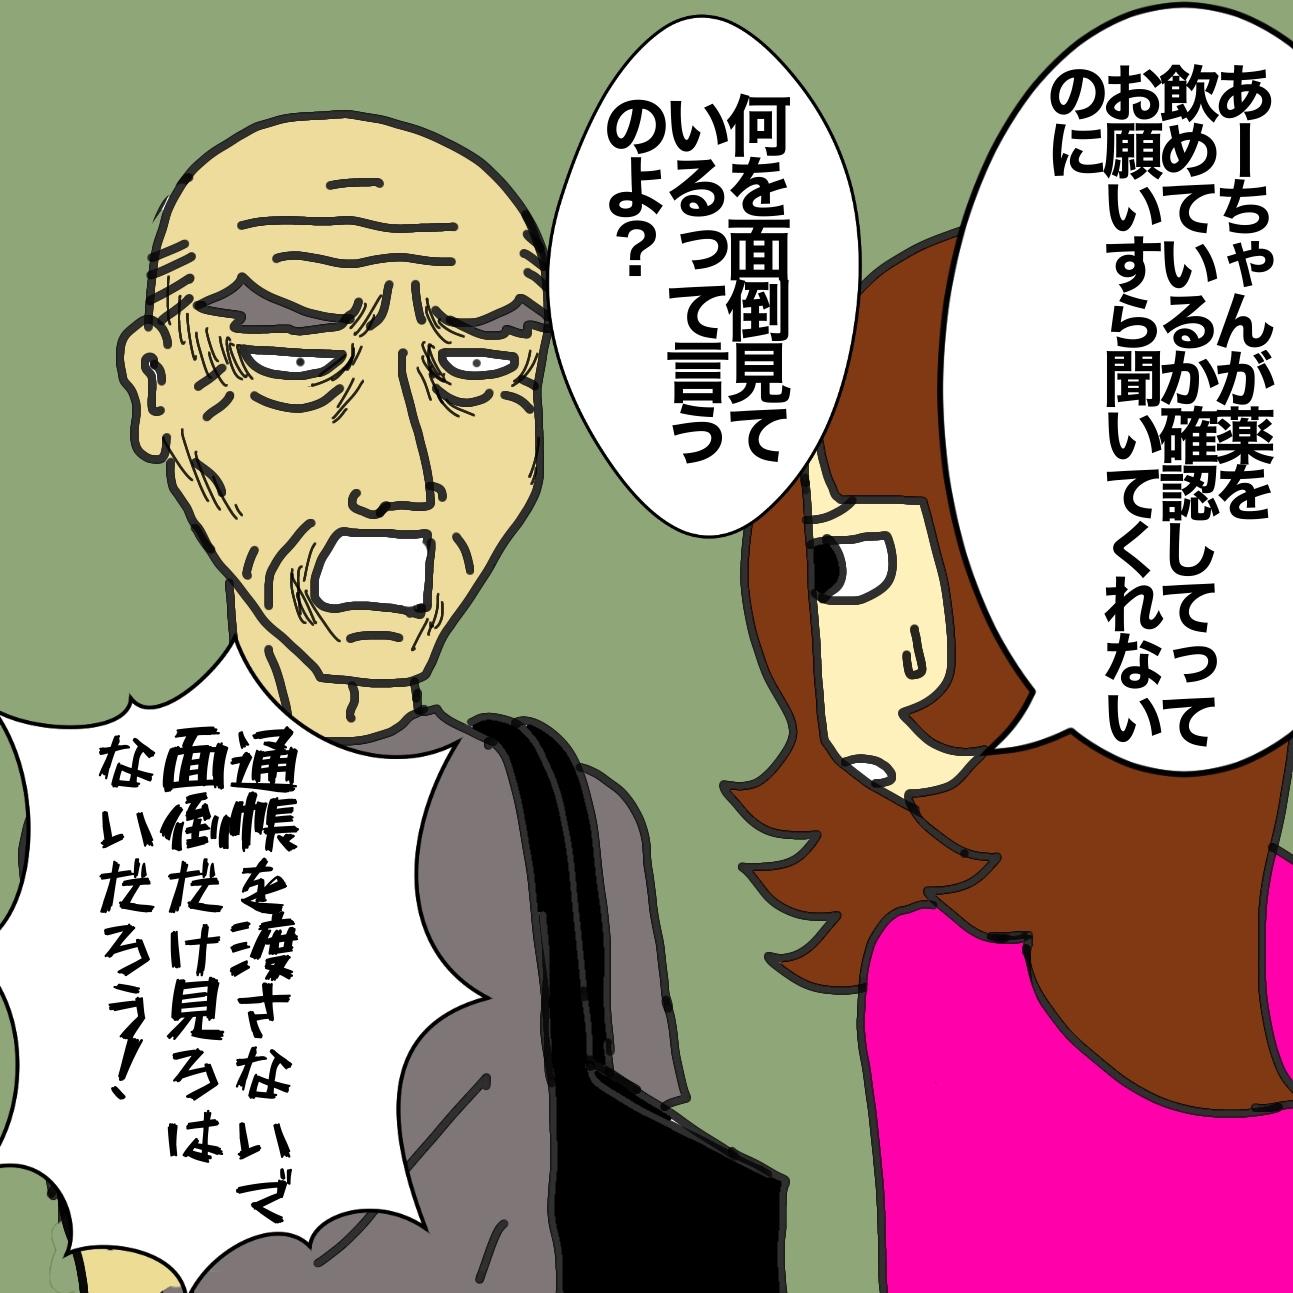 認知症の母の預金「半分は僕のだ!」!? 生きているのに遺産の話をする父に唖然.../ワフウフ